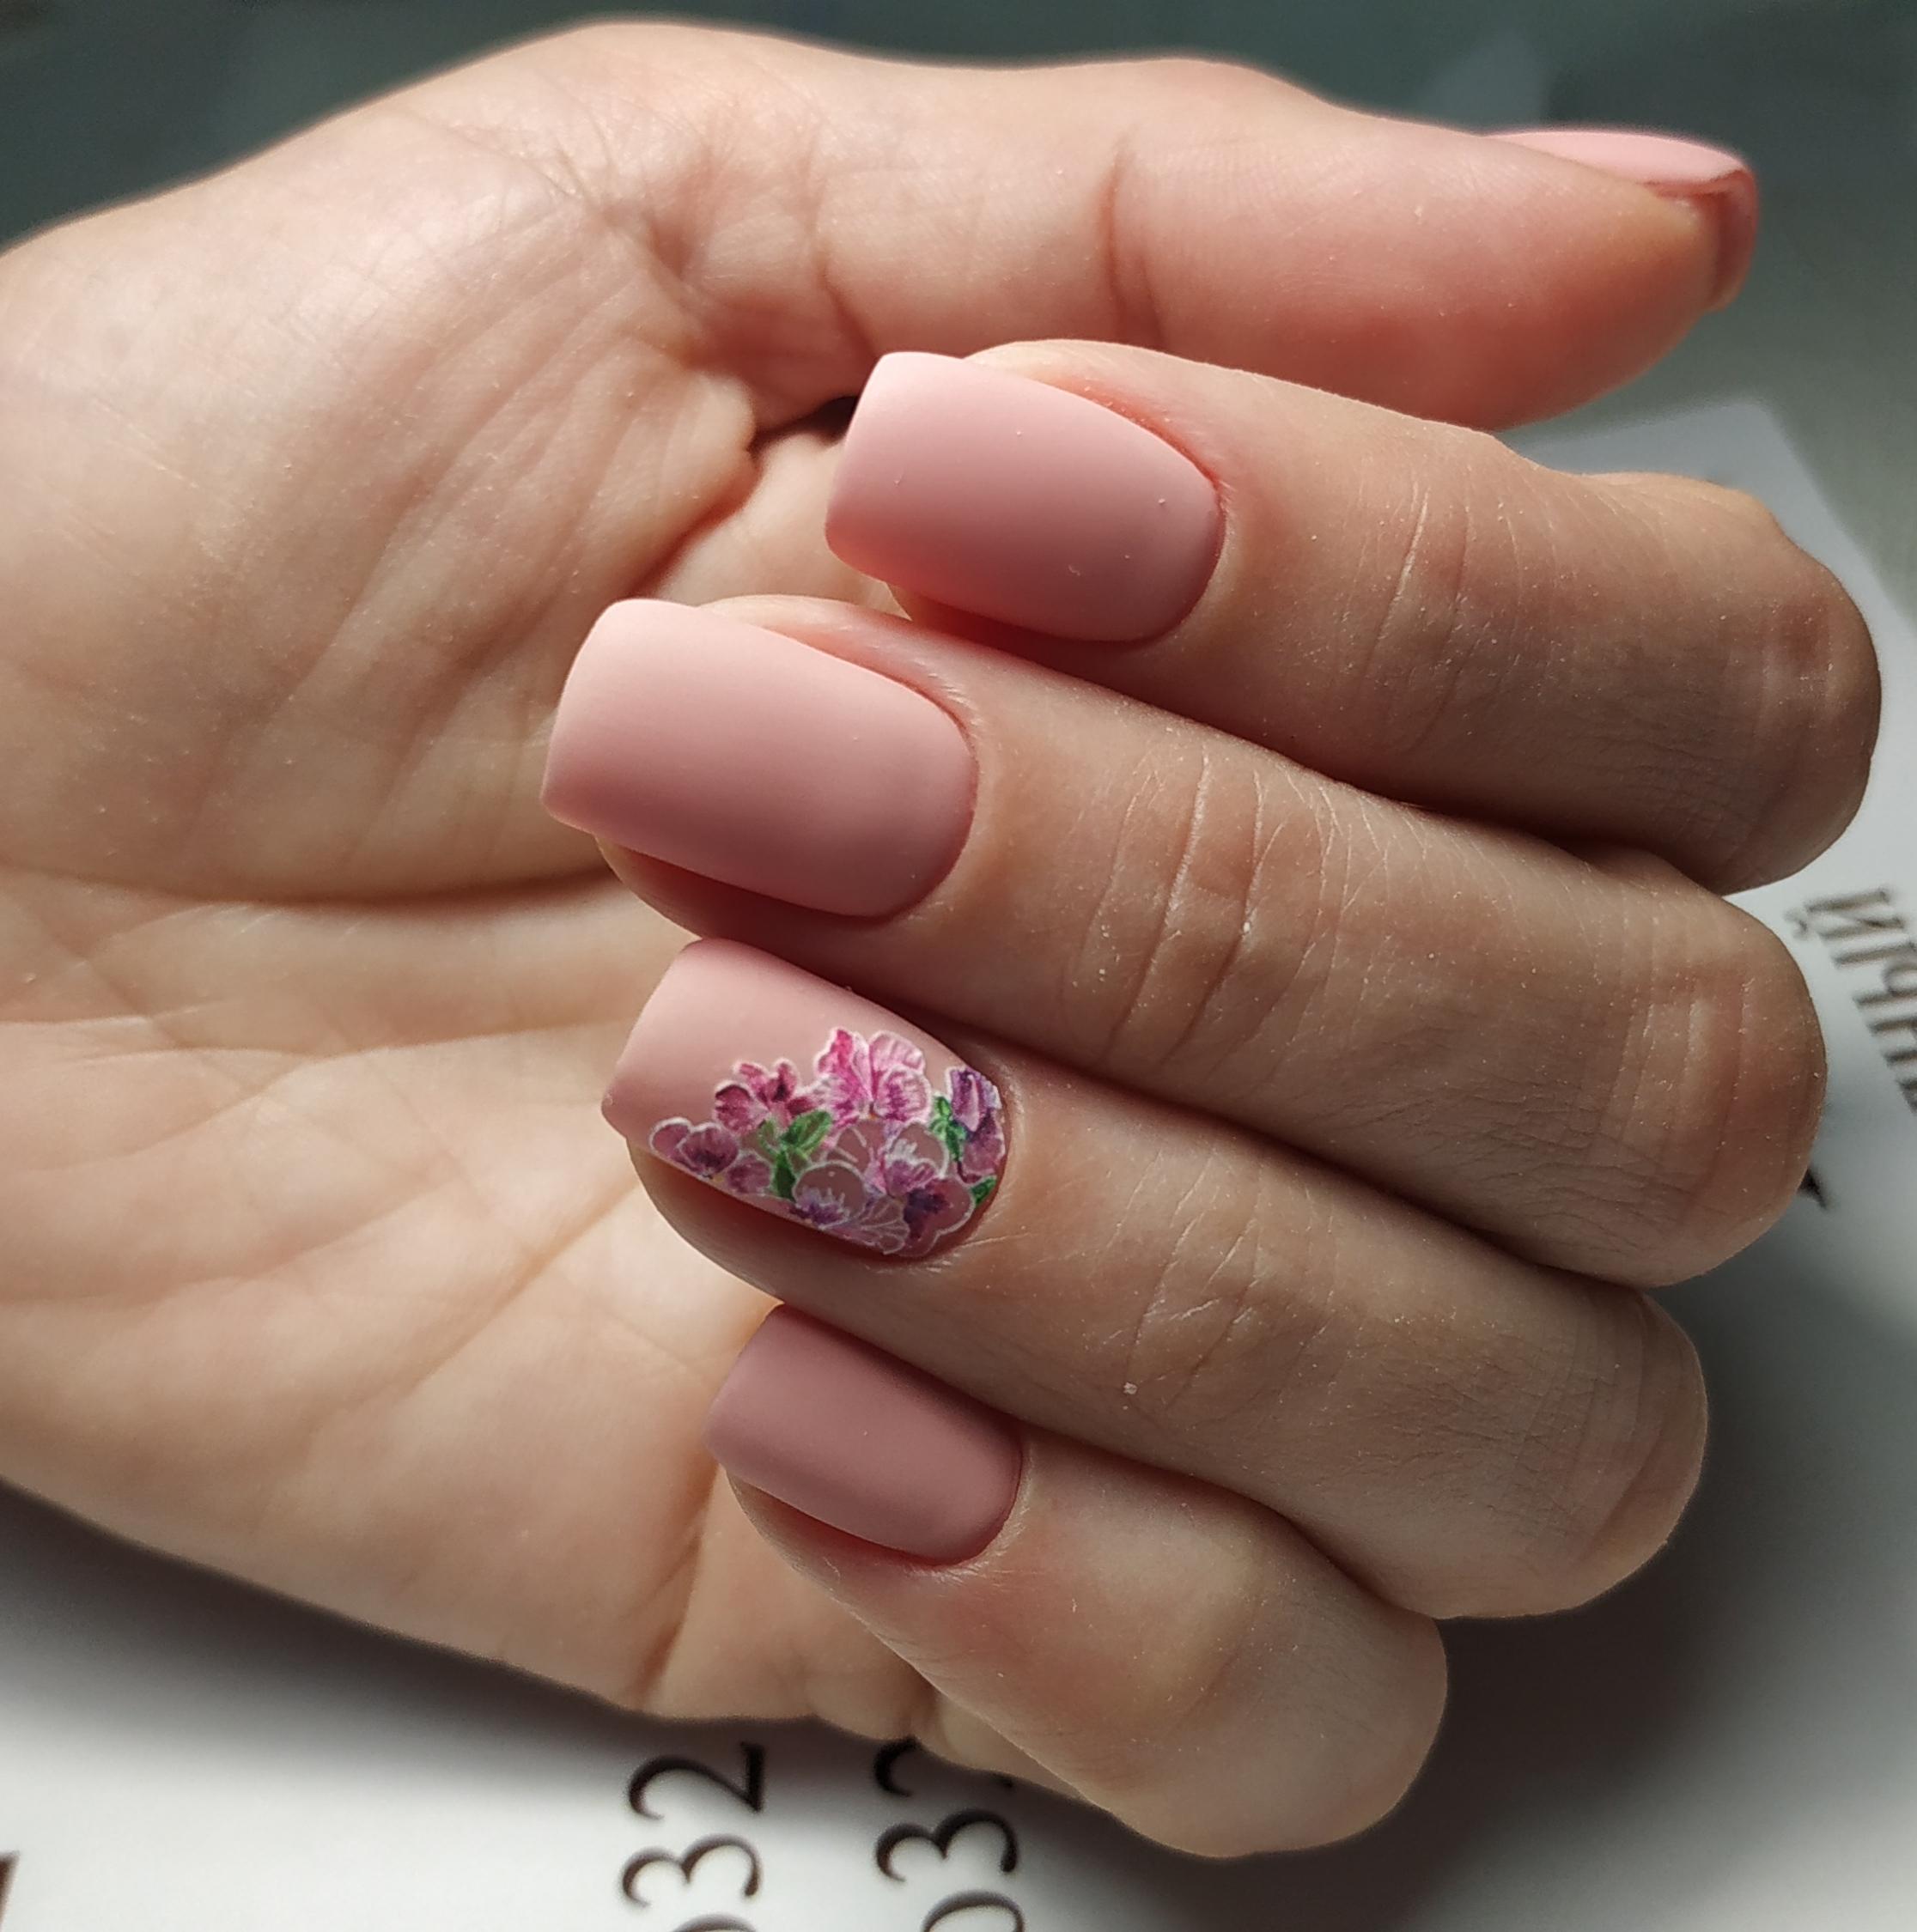 Матовый маникюр с цветочным рисунком в розовом цвете.